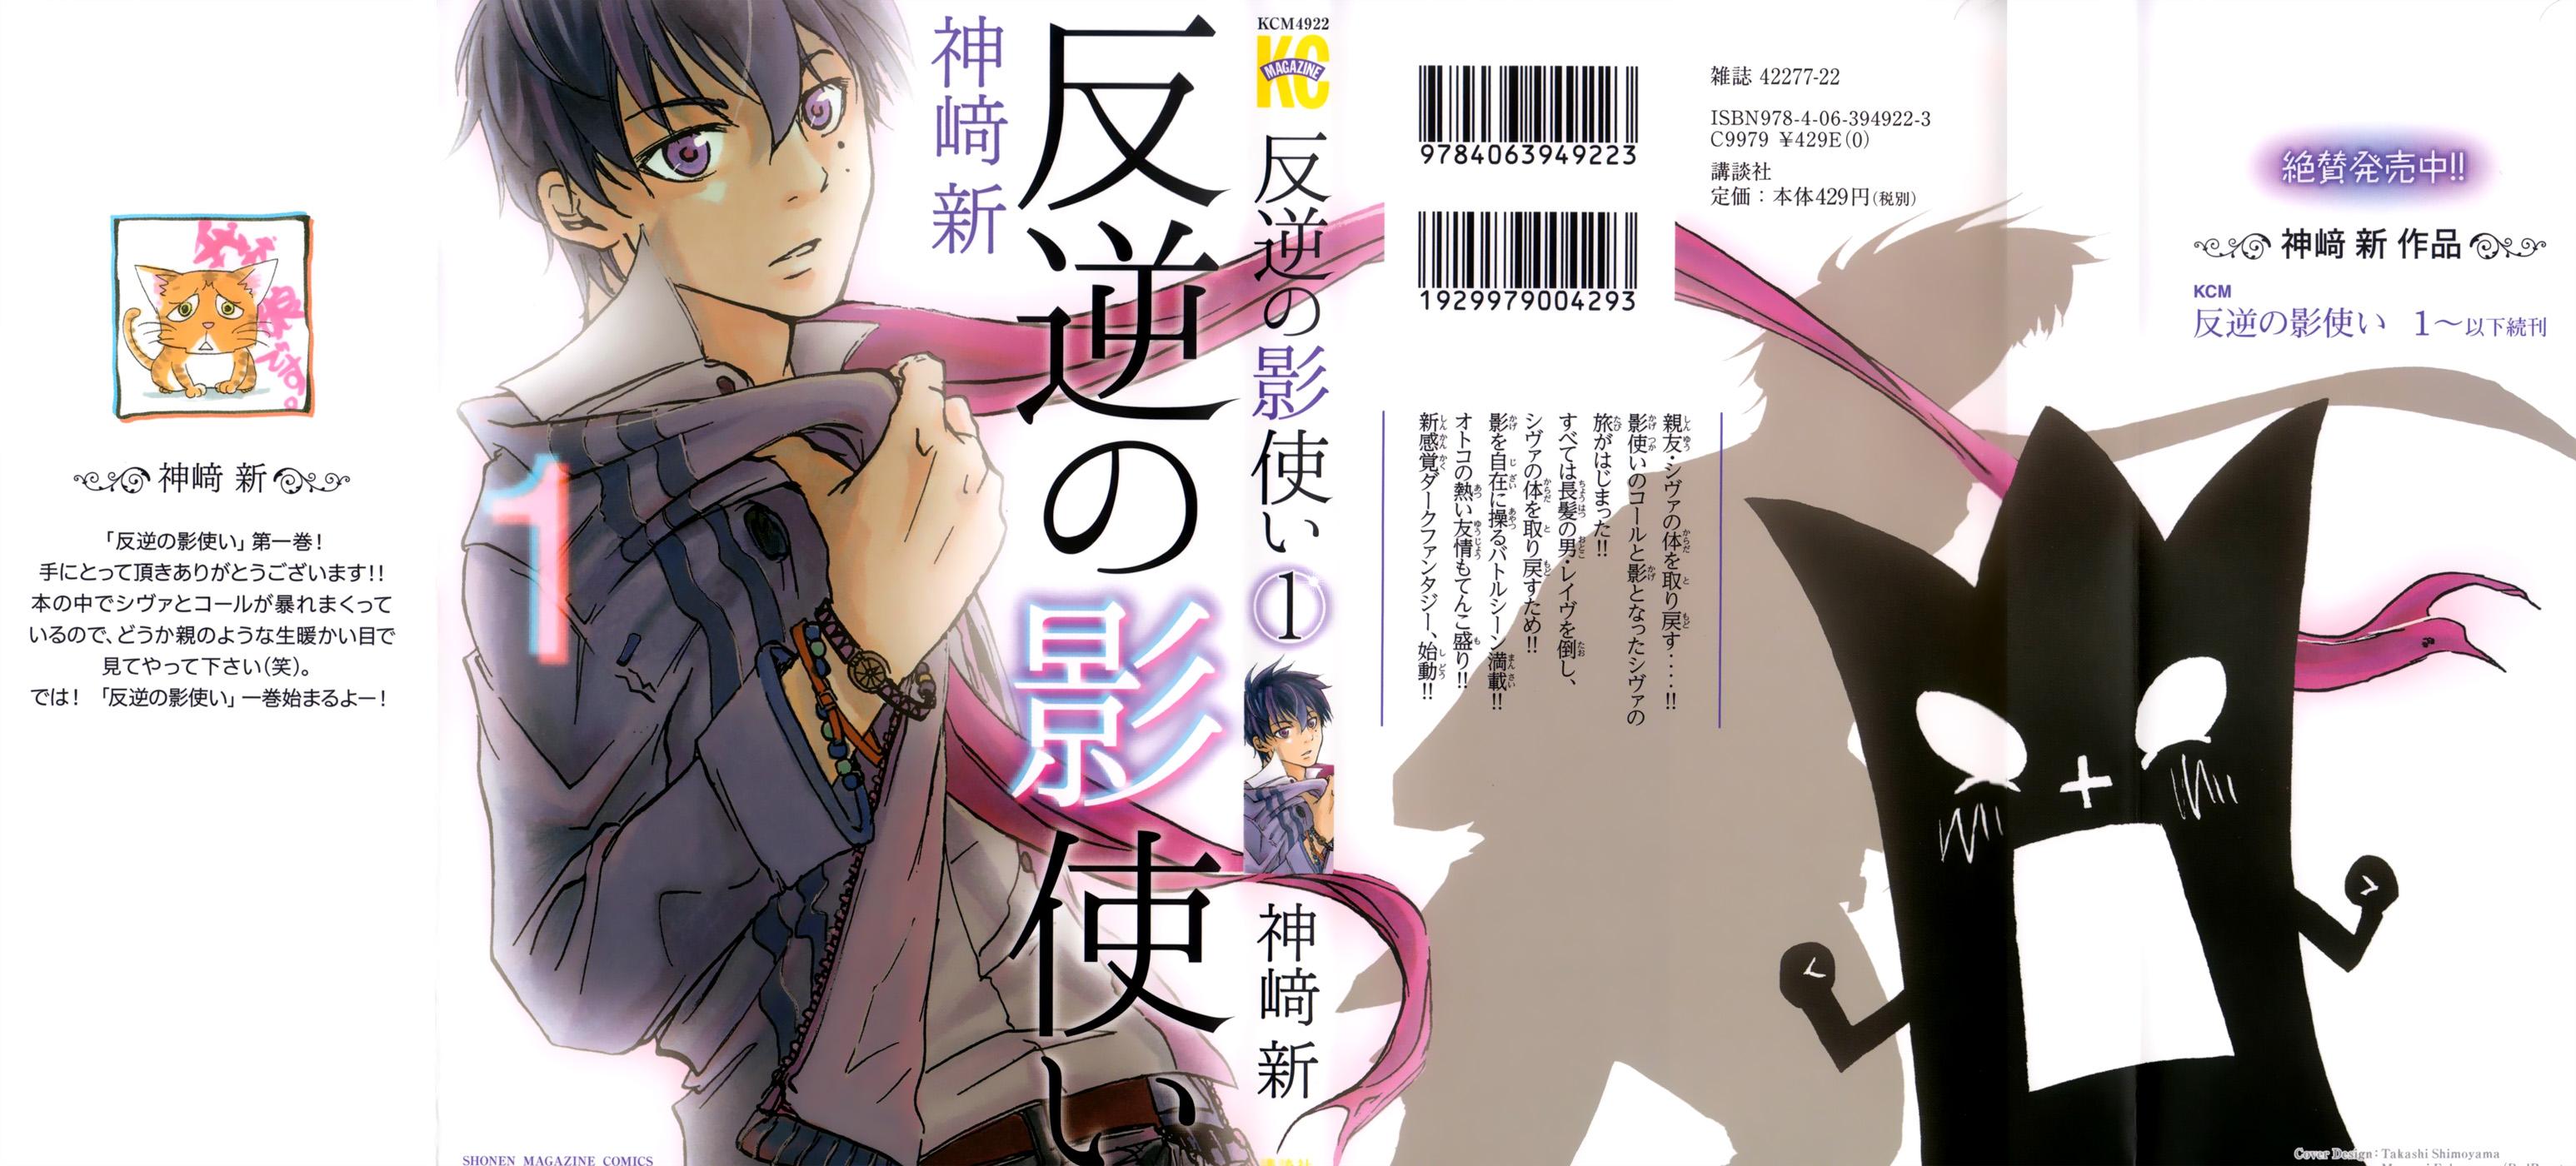 https://nine.mangadogs.com/fr_manga/pic1/17/2321/78026/HangyakuNoKagetsukai1VF_0_443.jpg Page 1